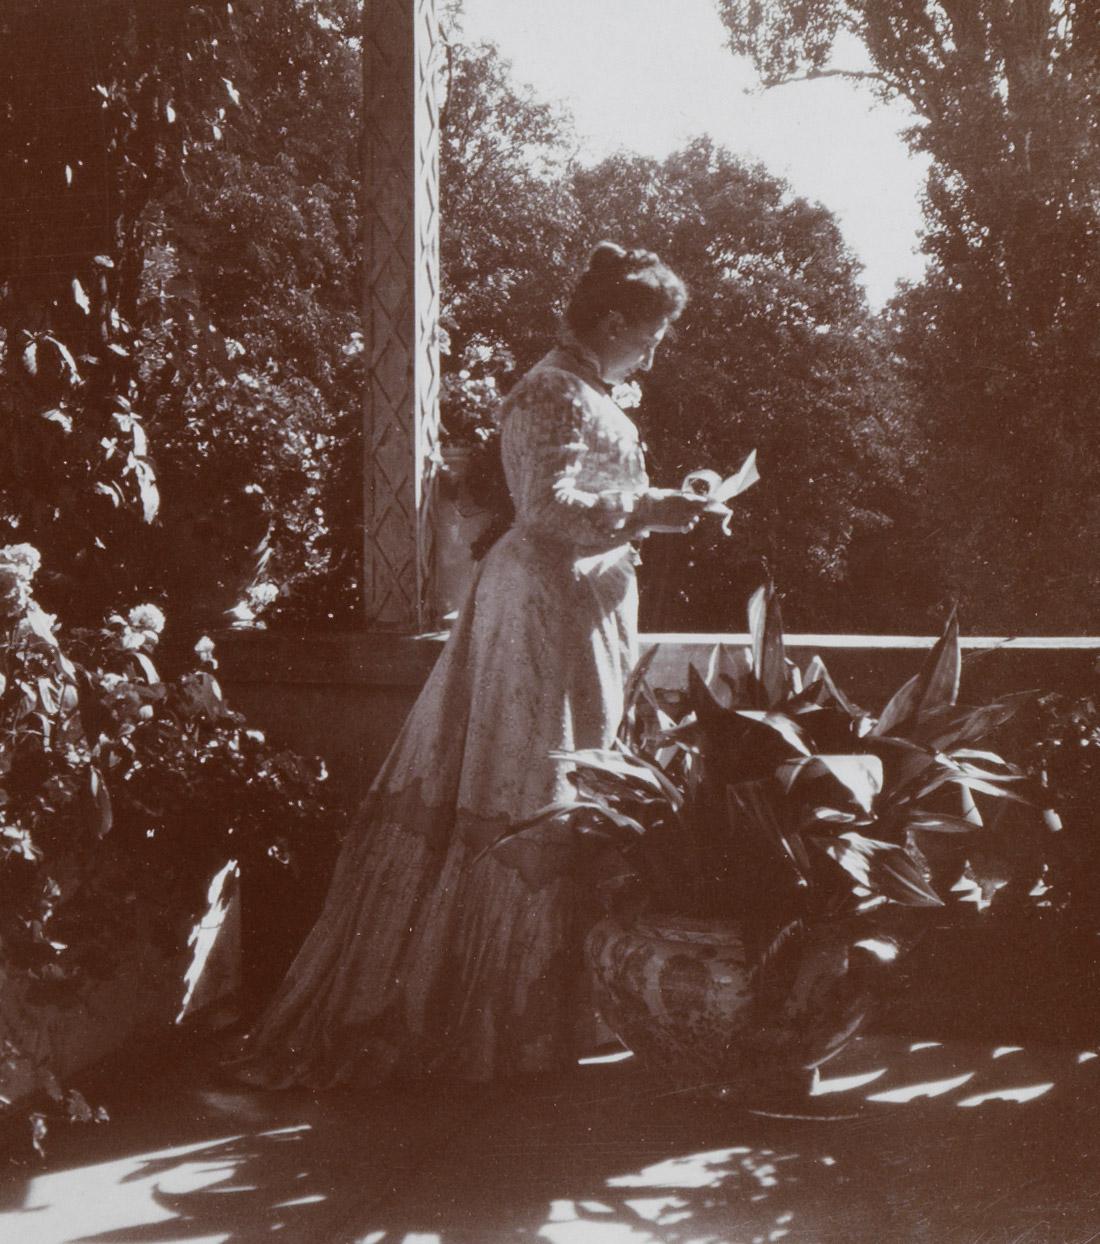 Photographie de la comtesse Walewska née Douay - Patrimoine Charles-André COLONNA WALEWSKI, en ligne directe de Napoléon